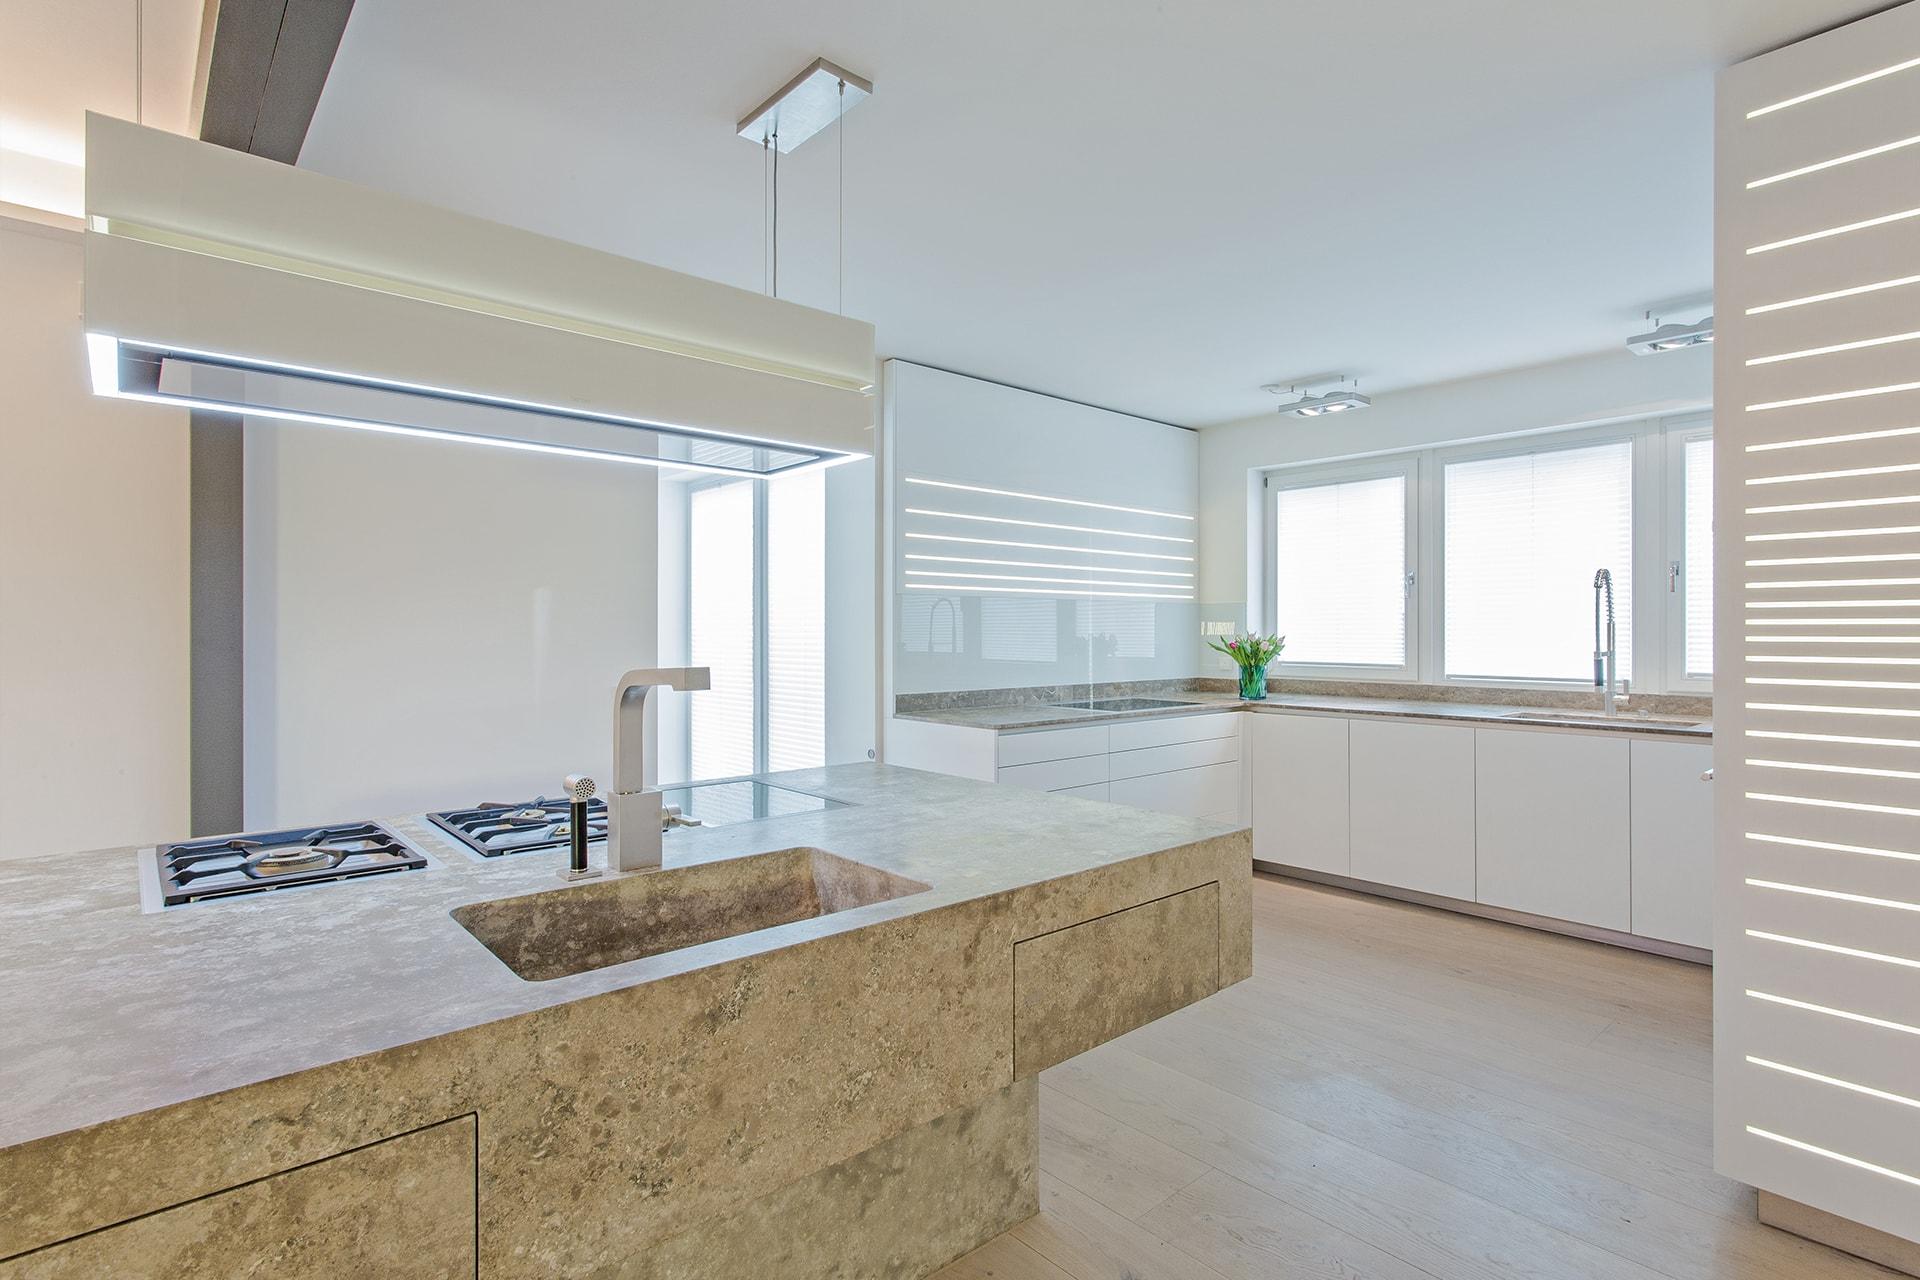 Massiver Küchenblock aus Dolomit mit integriertem und beheiztem Esstisch, geschliffen